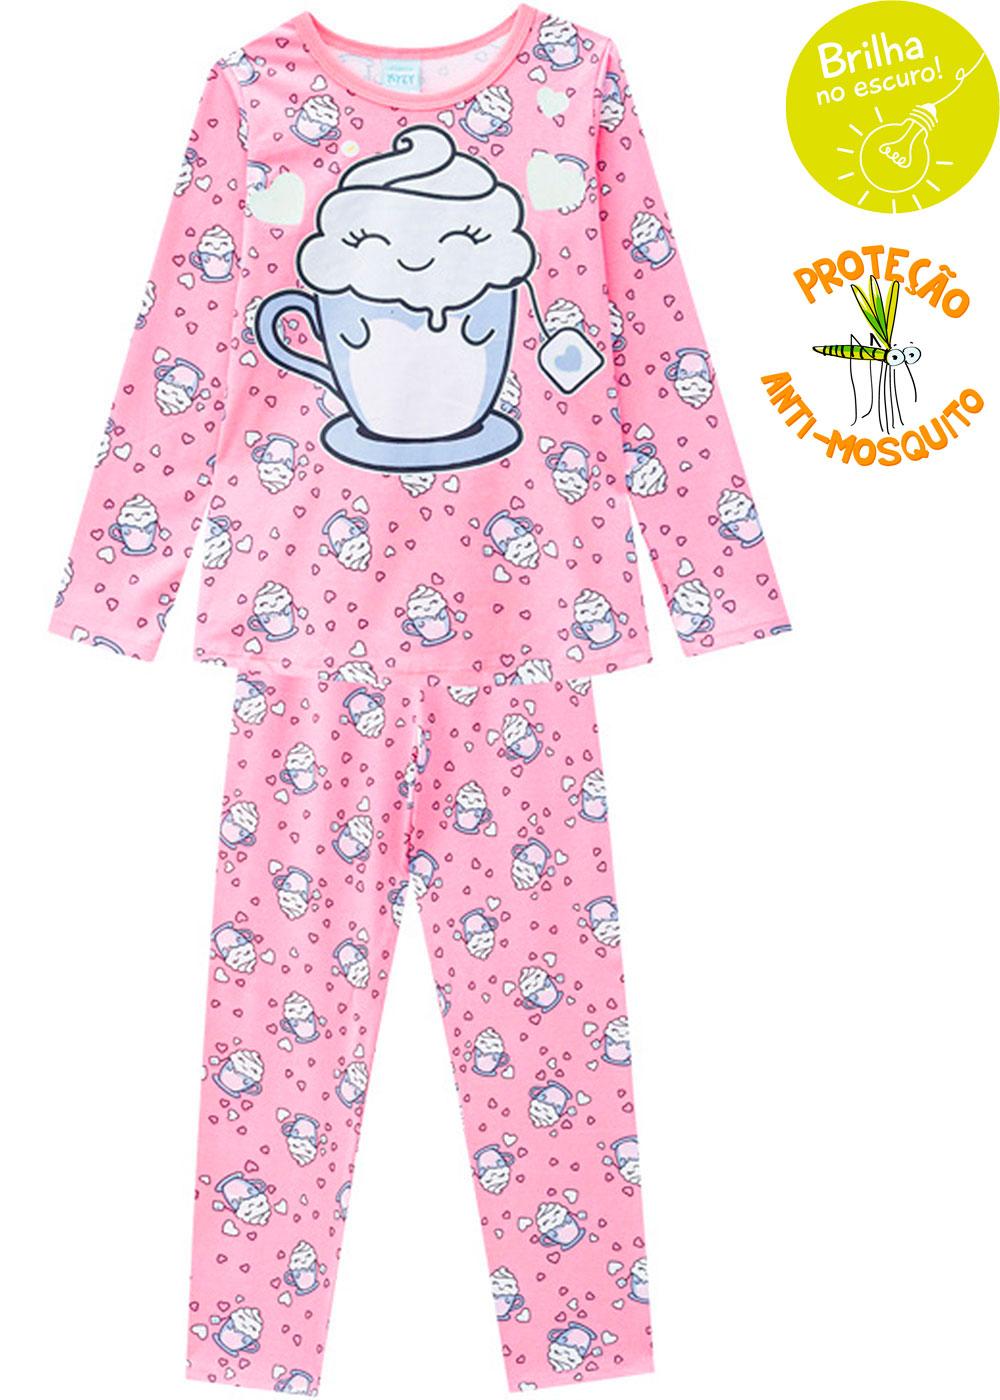 Pijama Infantil Feminino Rosa do Inverno Brilha no Escuro - Kyly